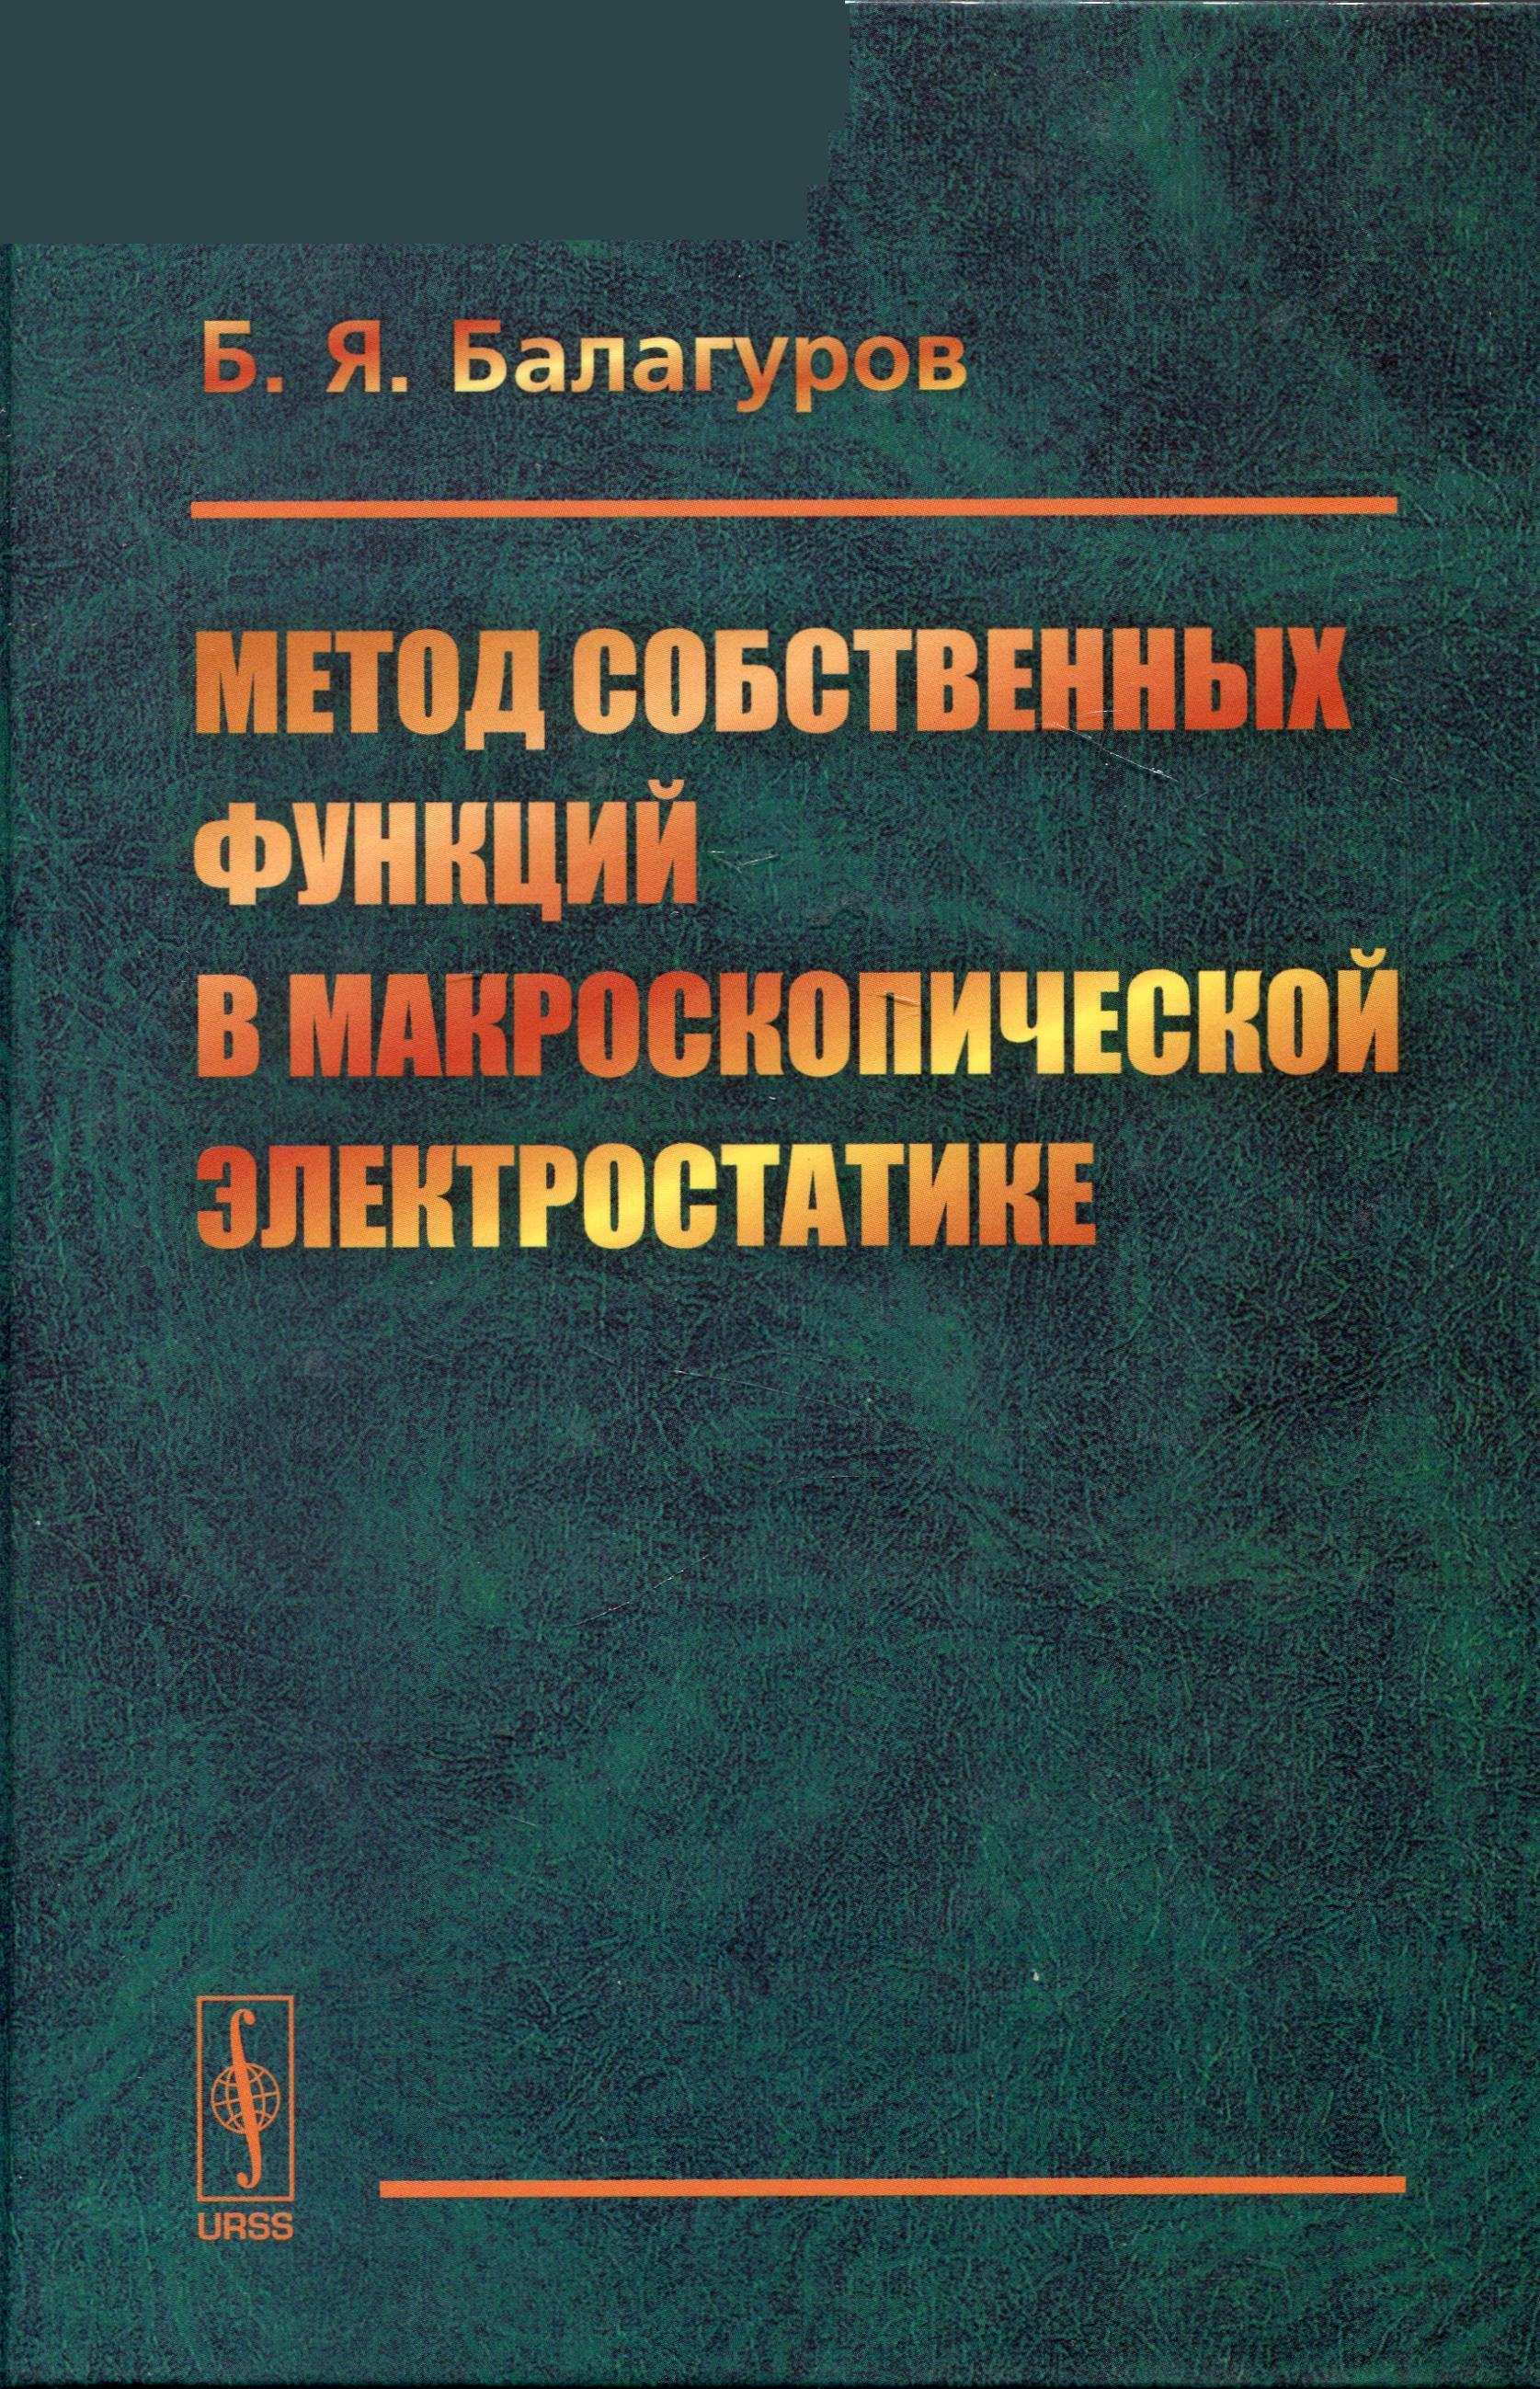 Электрофизические свойства композитов: макроскопическая теория подробнее о книге